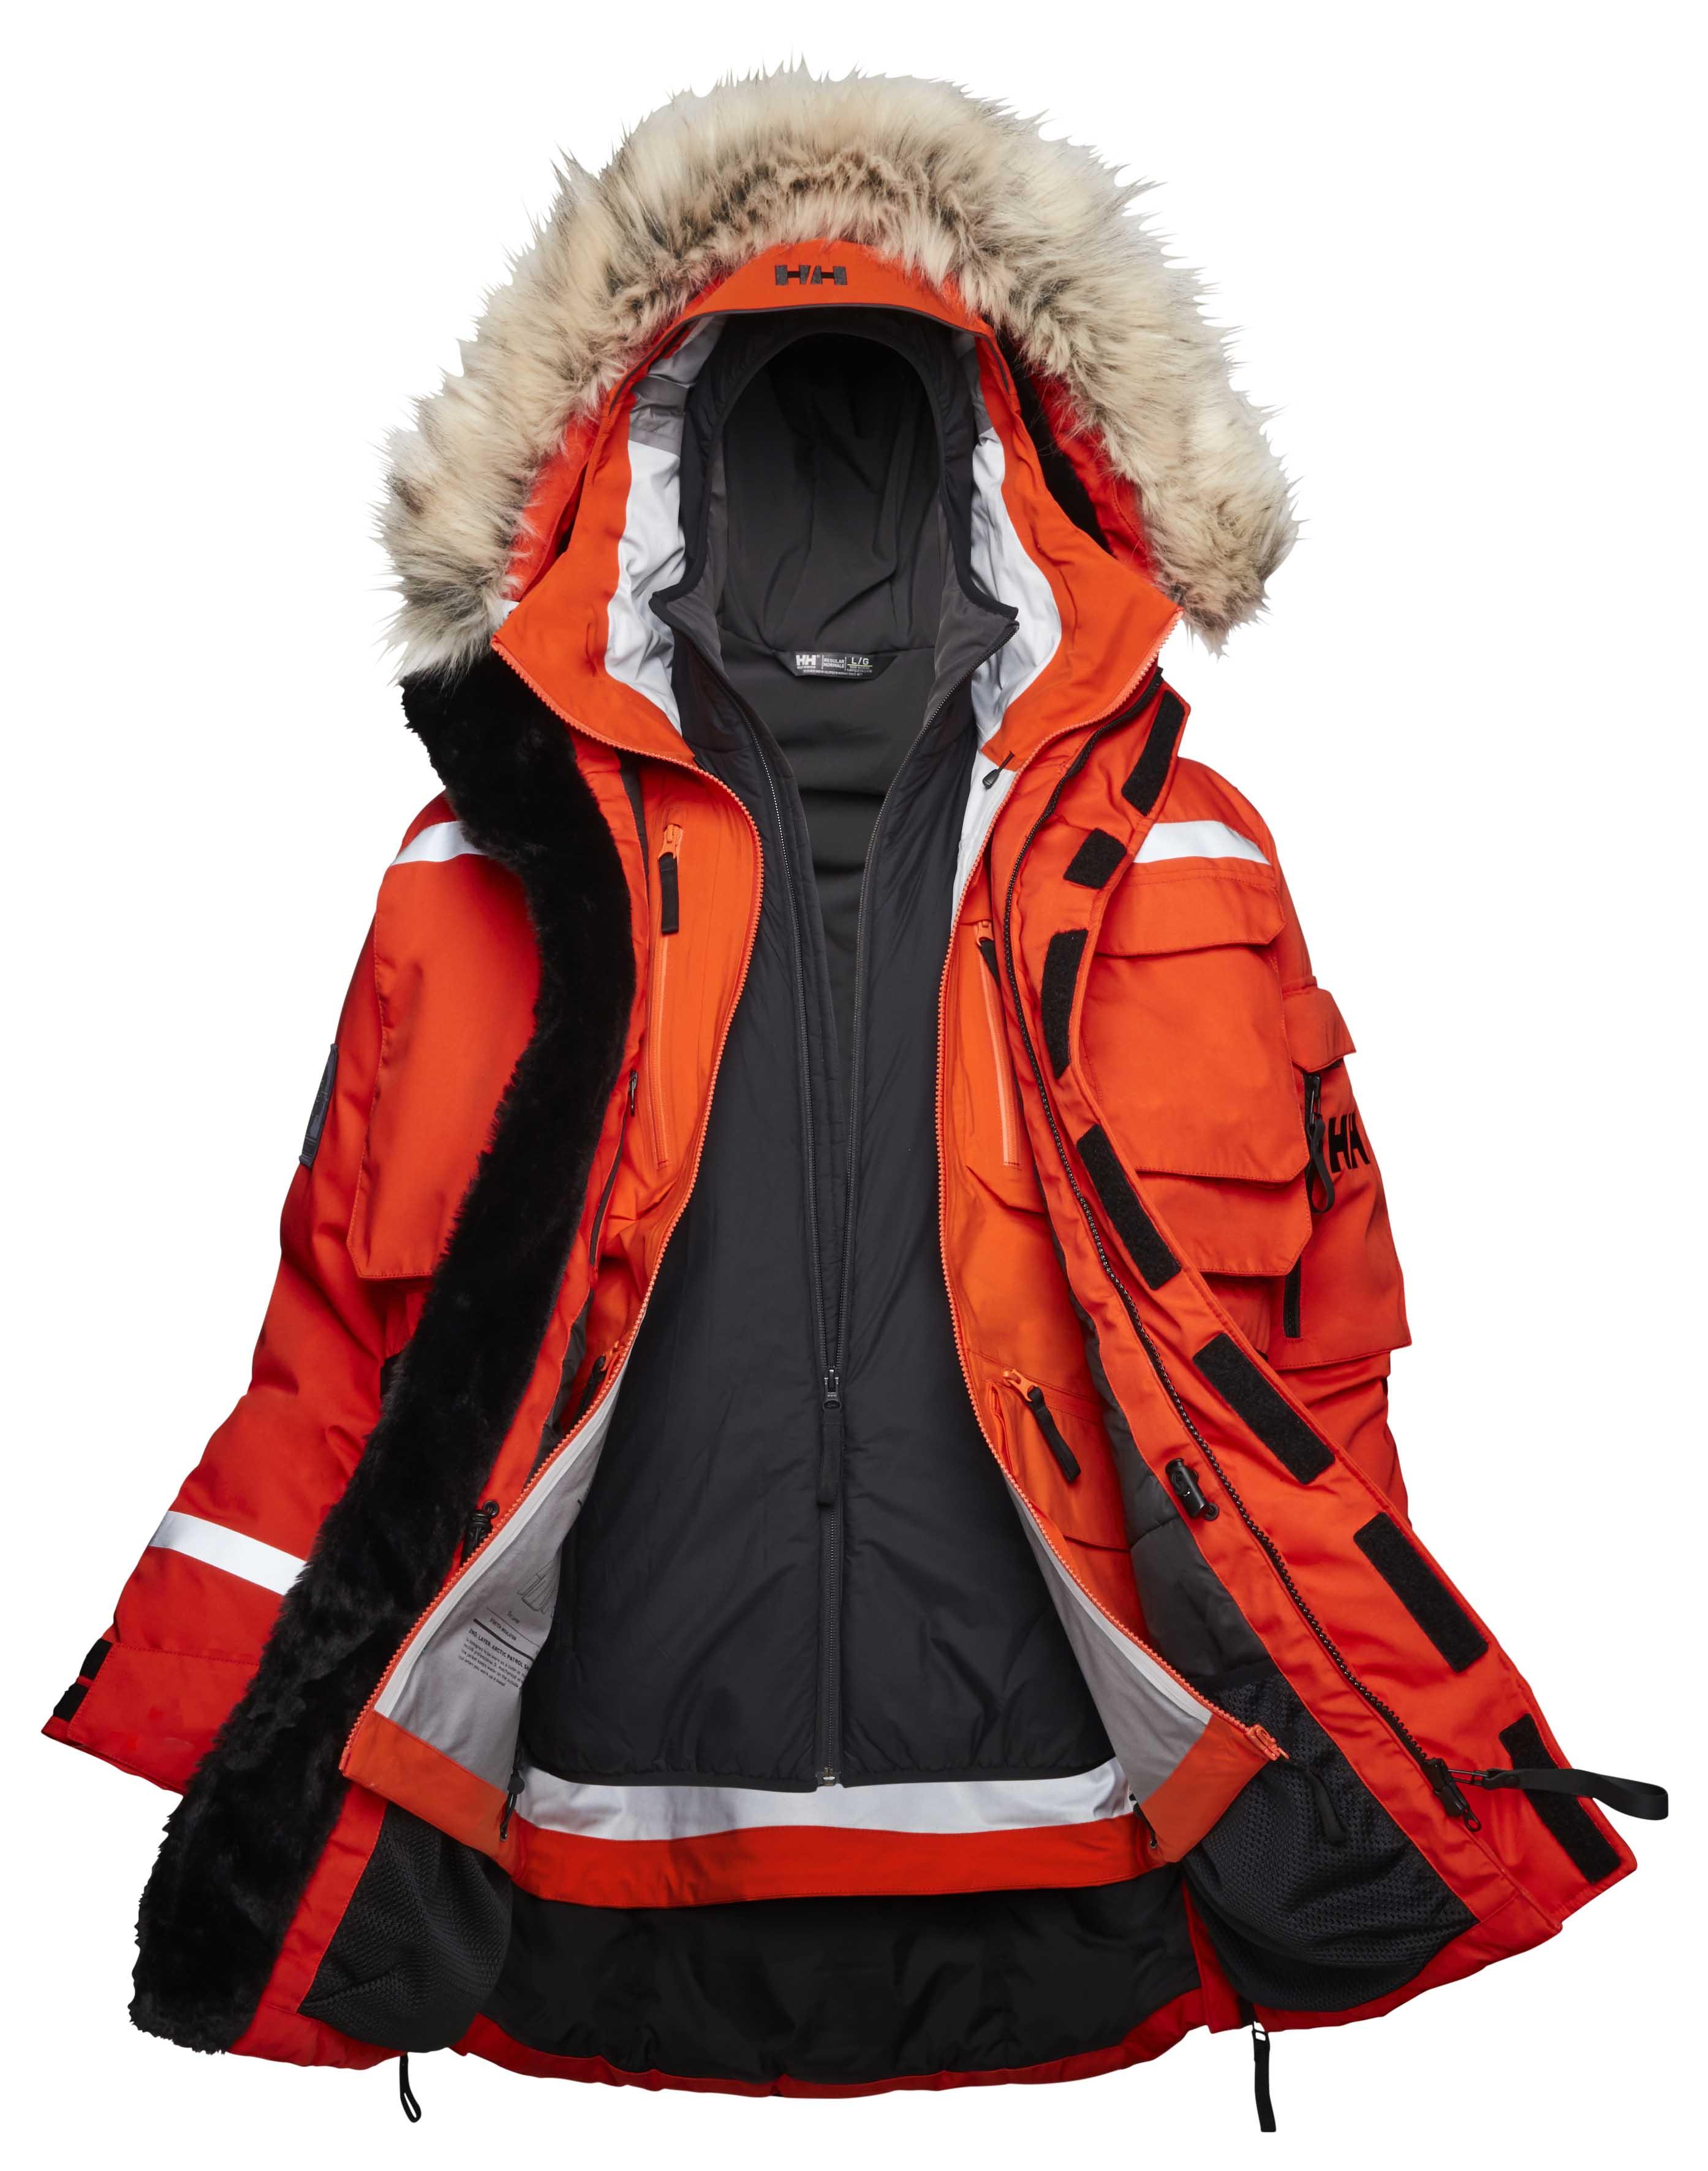 Helly Hansen presenta una de sus chaquetas más innovadoras